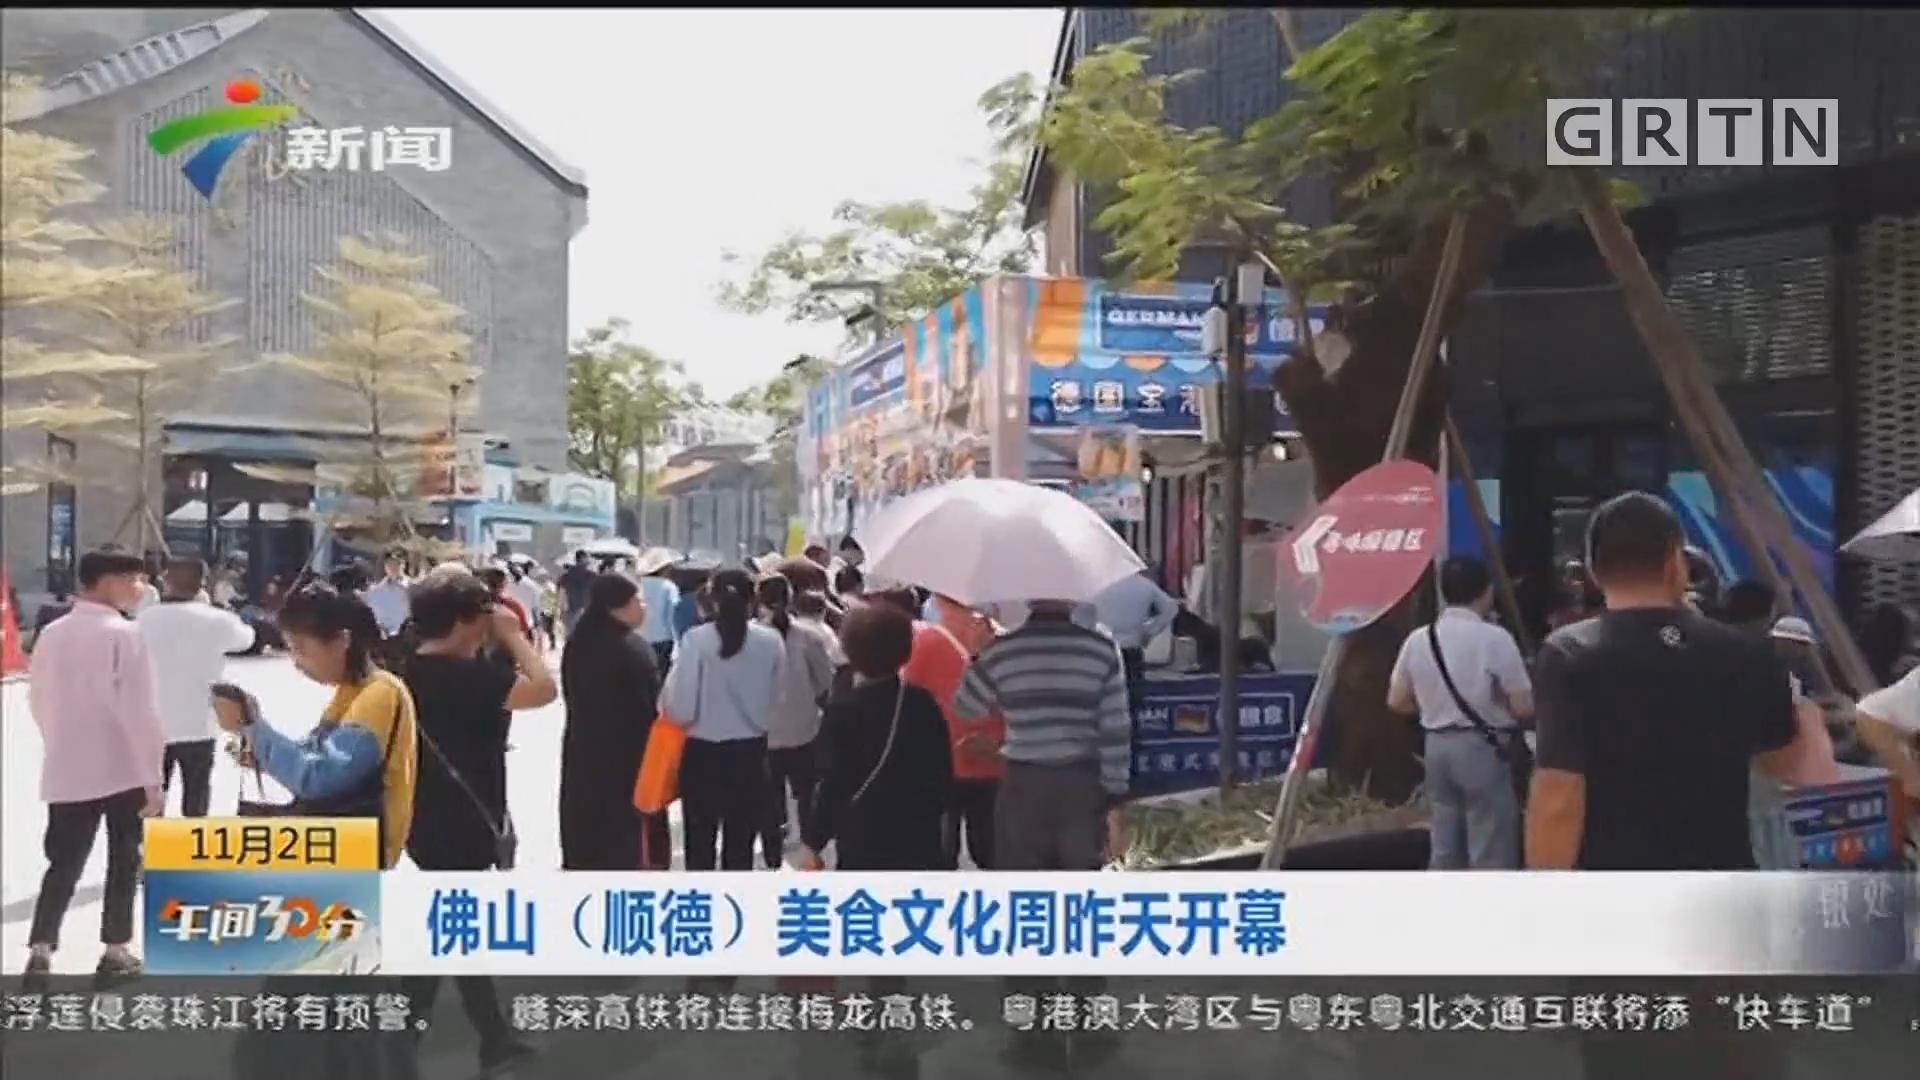 佛山(顺德)美食文化周昨天开幕